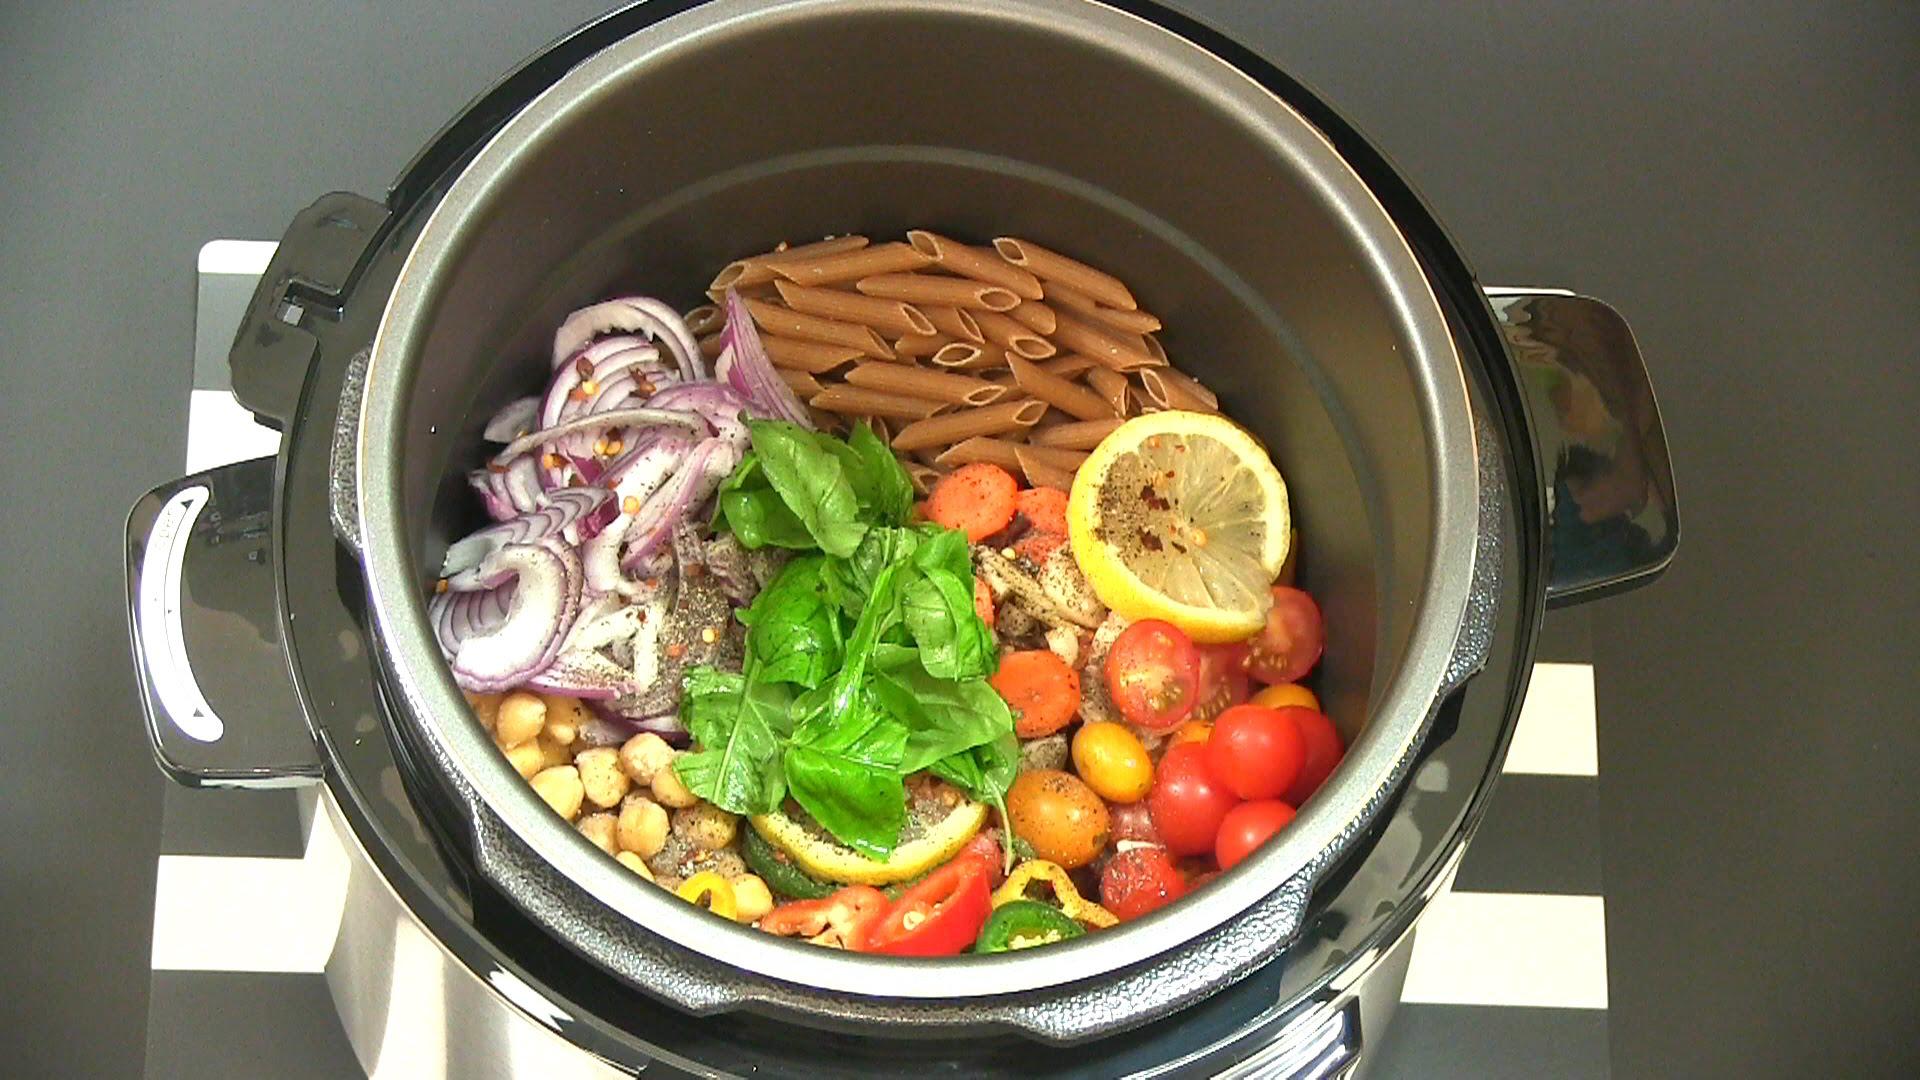 ما هي فوائد الطبخ في قدر الضغط ؟